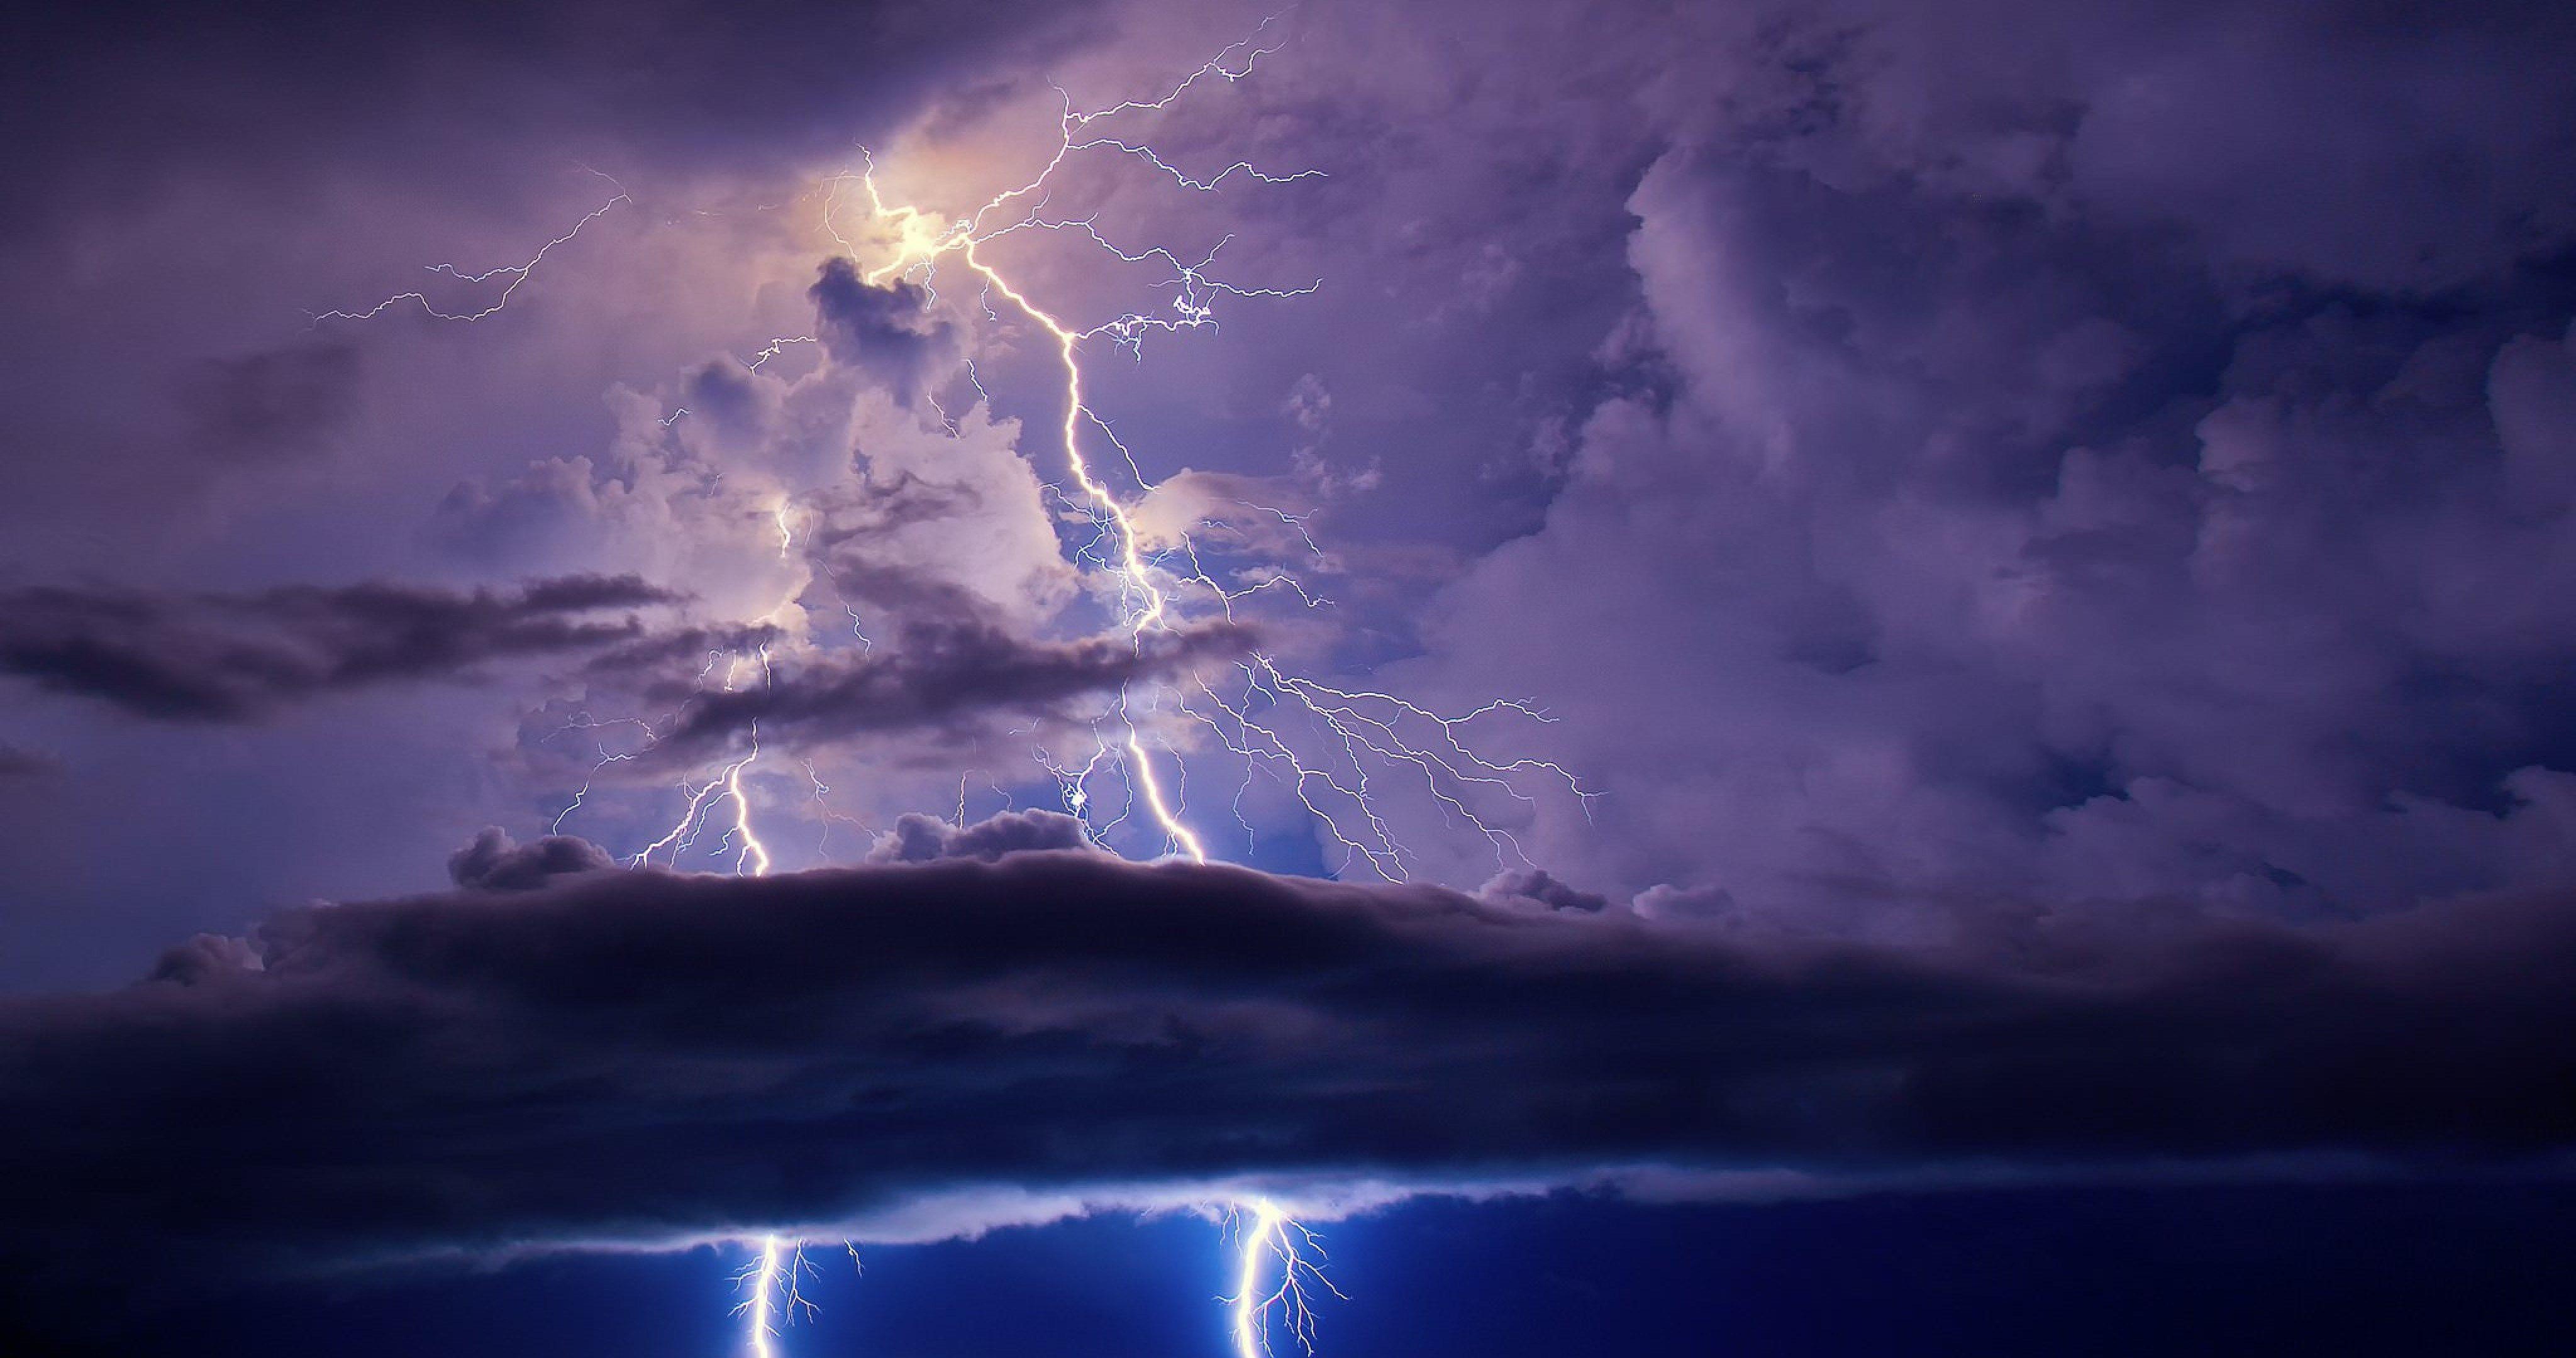 lightning sky 4k ultra hd wallpaper Lightning sky